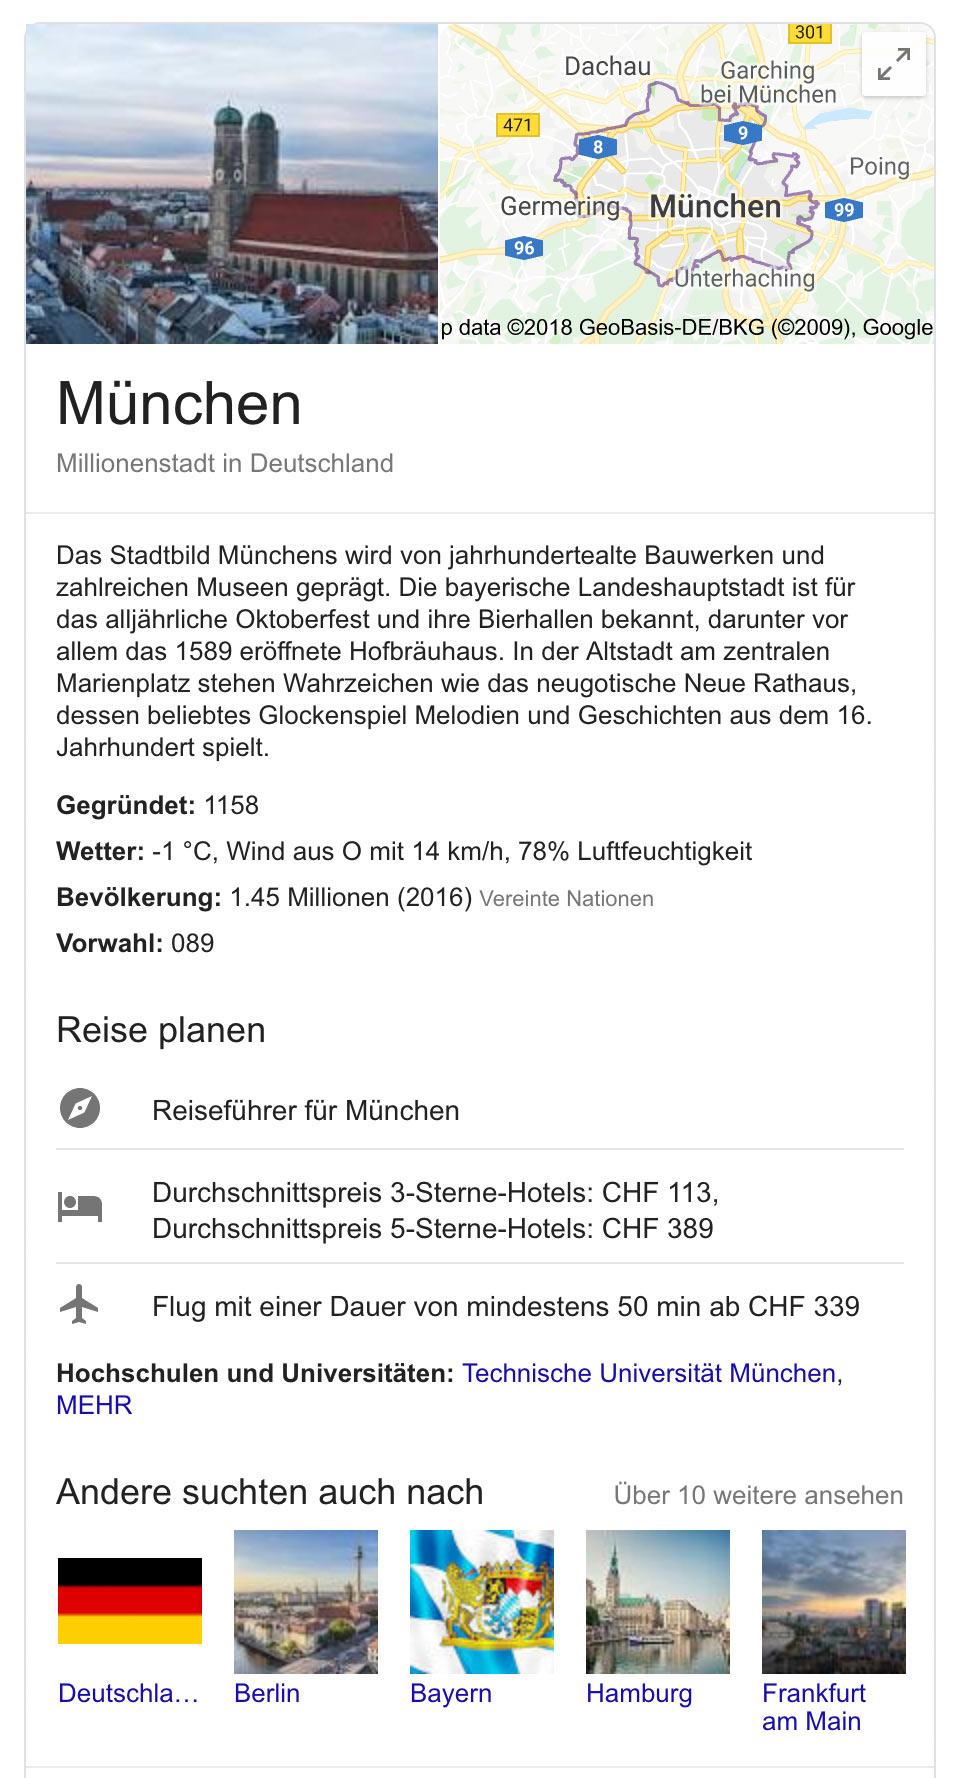 google snippet werbung rupperswil 5 - Google macht Werbung für Rupperswil AG mit einem Vierfachmörder